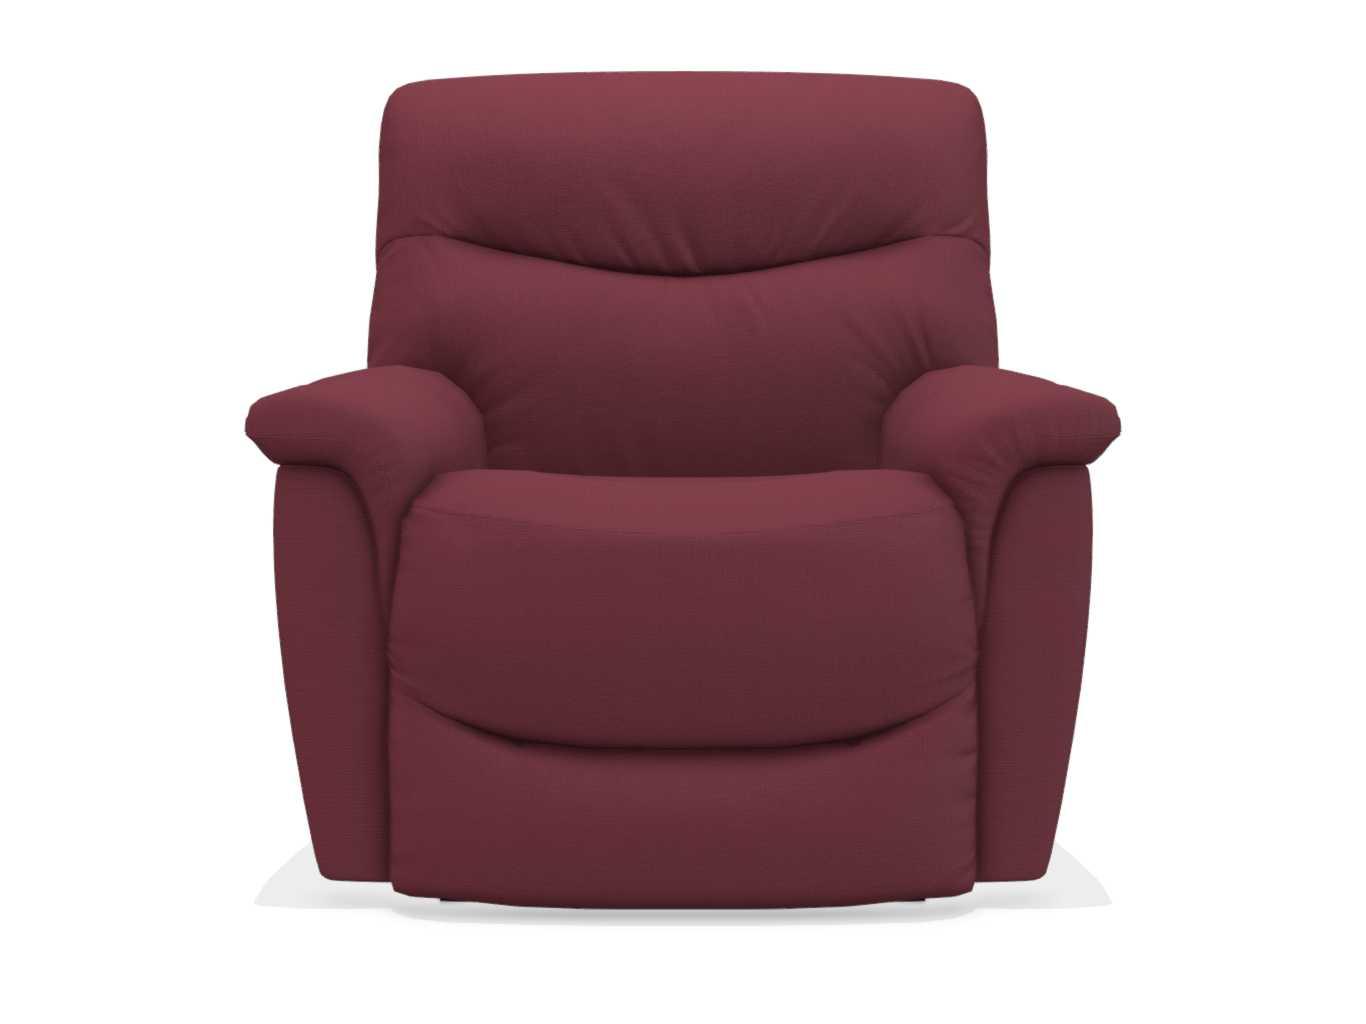 James Power Reclining Chair w/ Headrest